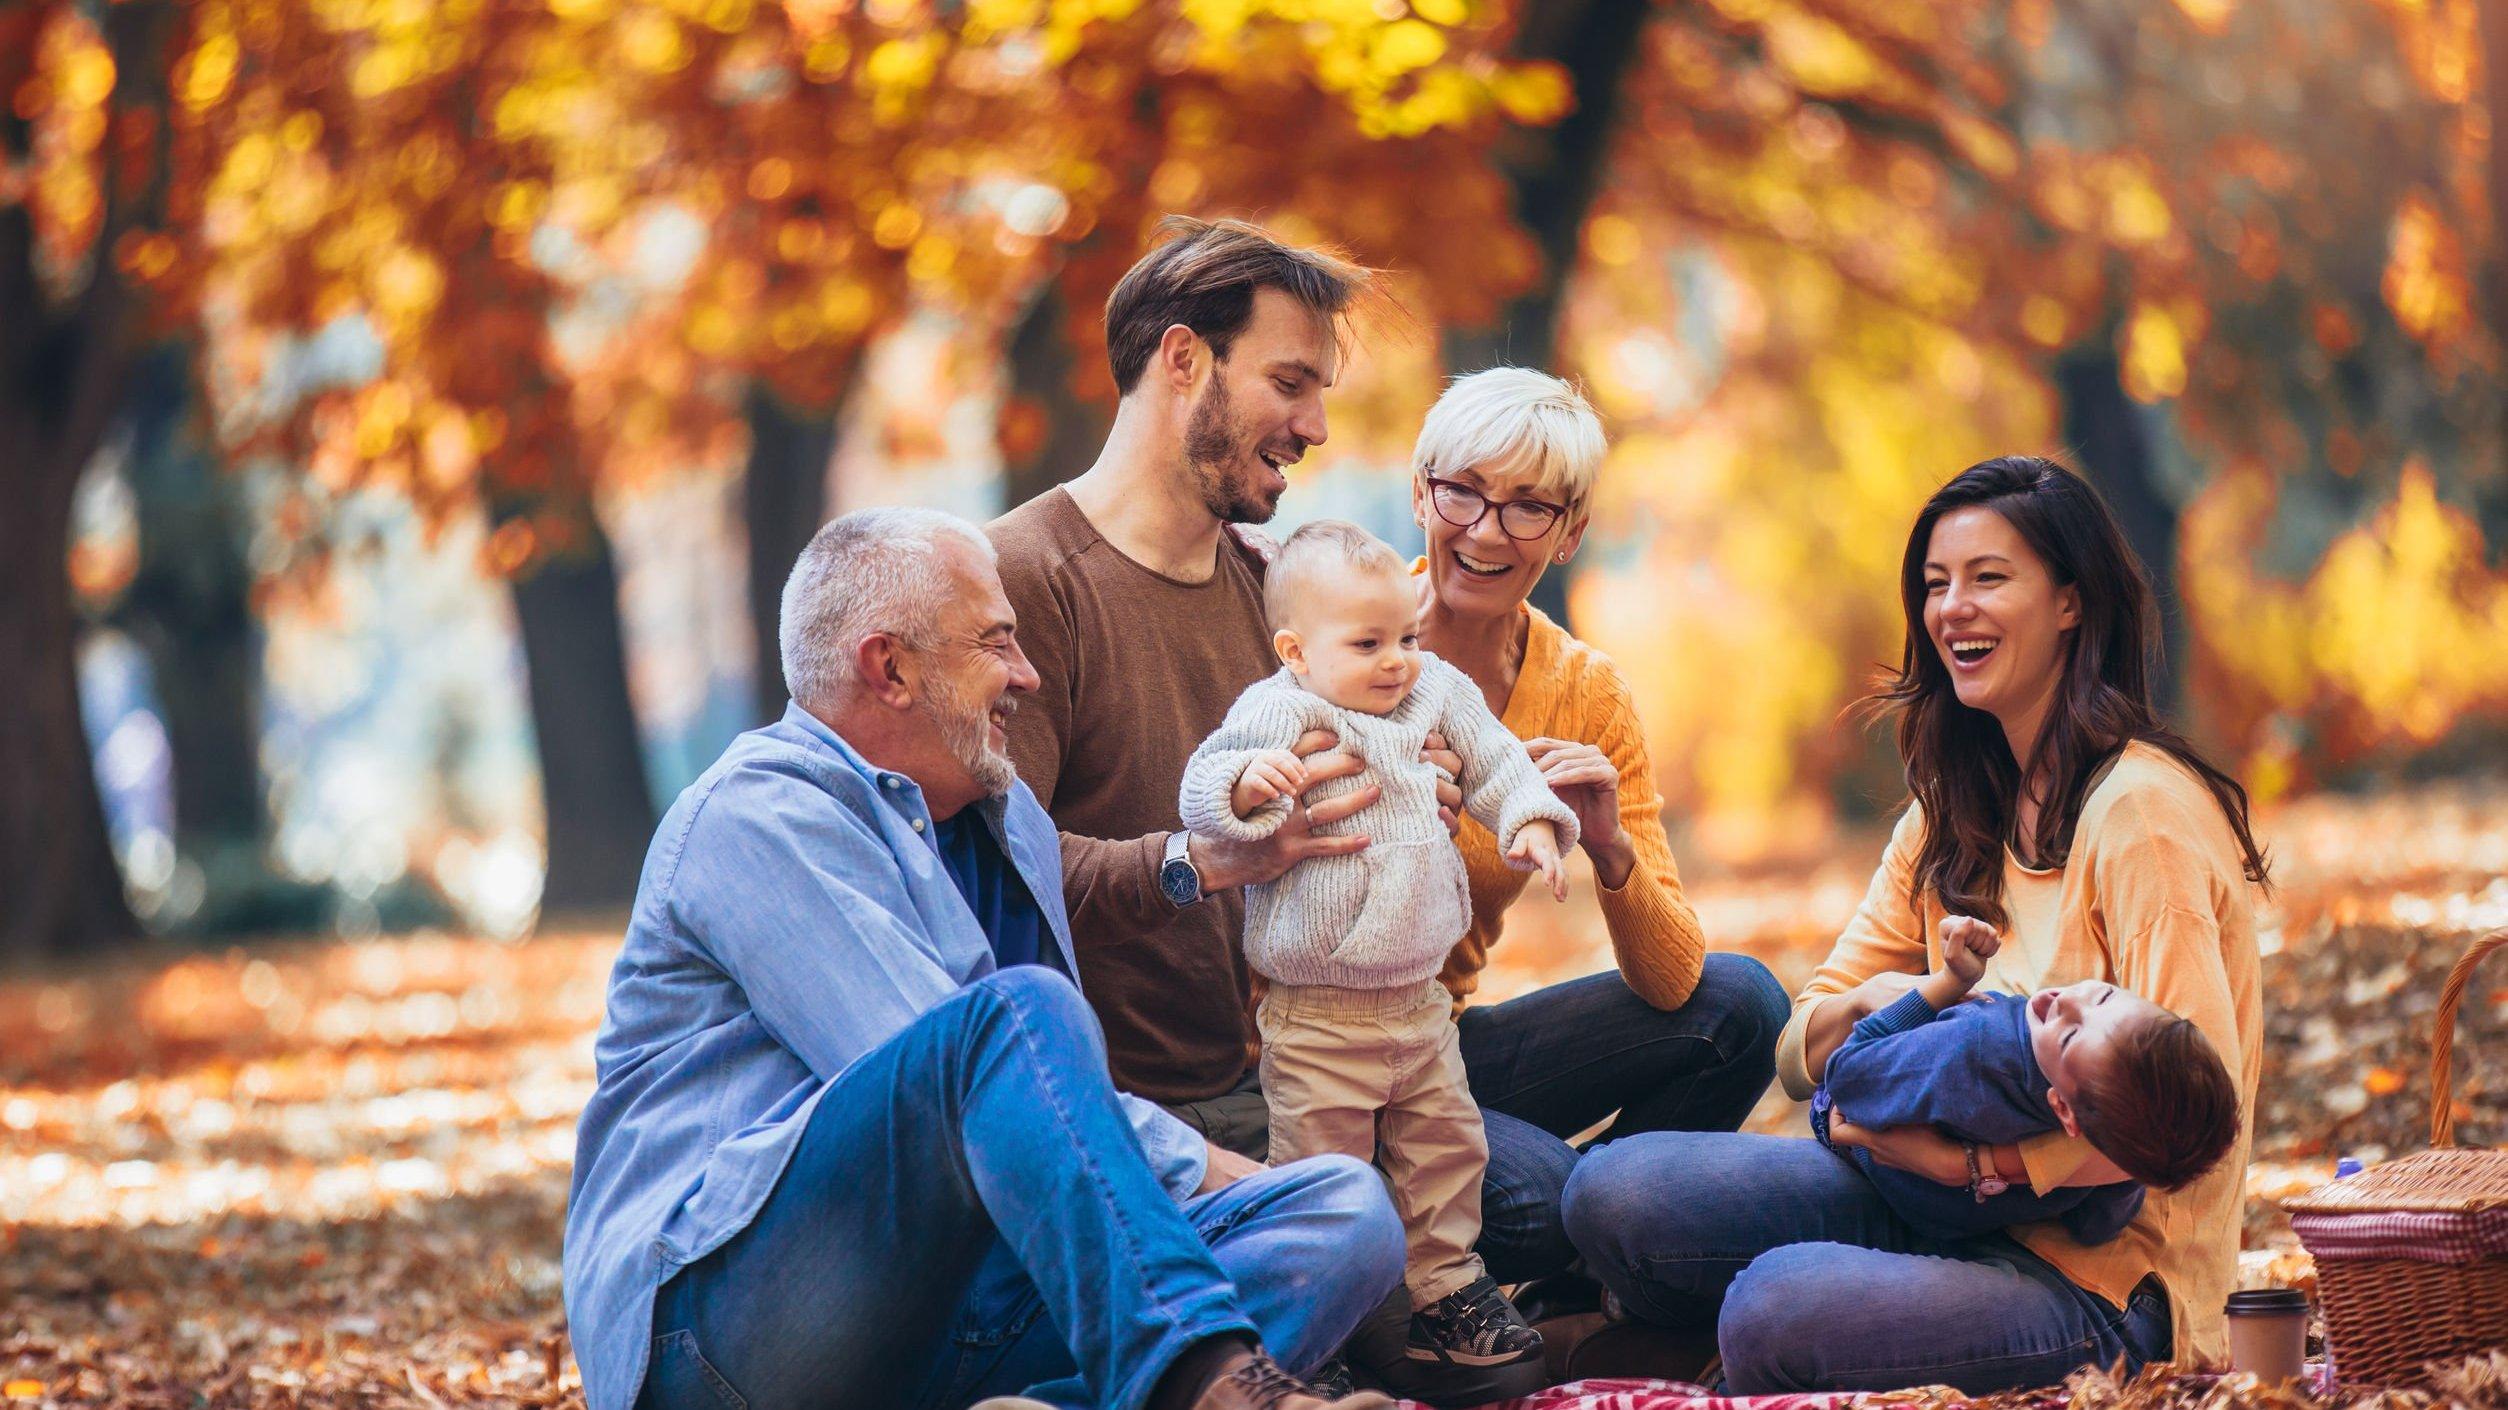 Família composta de por idosos, adultos e crianças em um cenário outonal